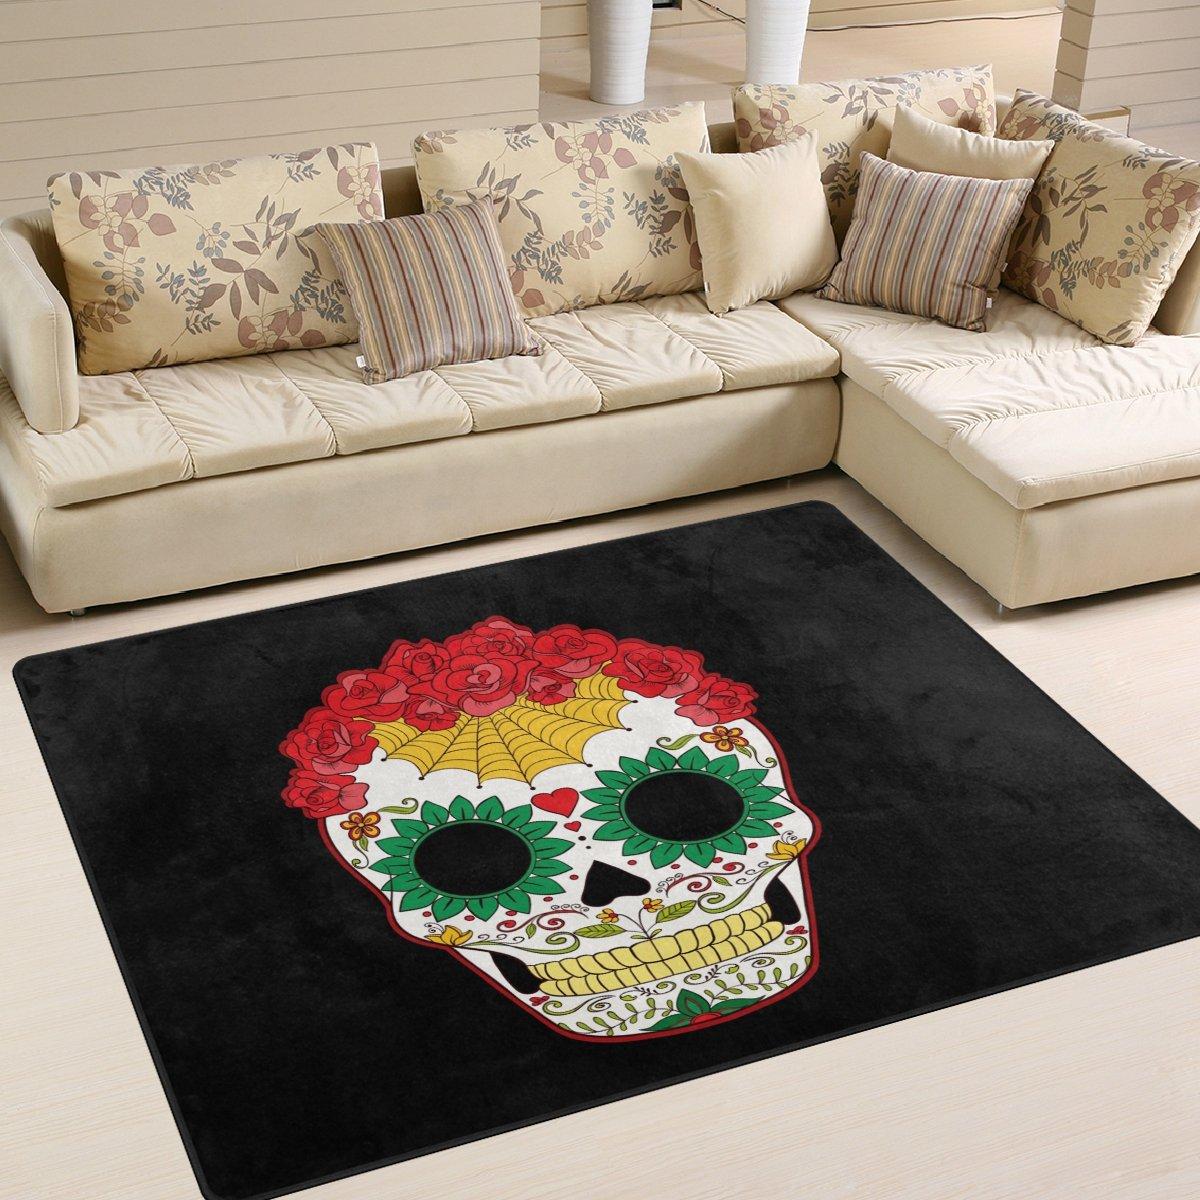 Sugar Skull Area Rug Rug Carpet For Living Room Bedroom My Sugar Skulls